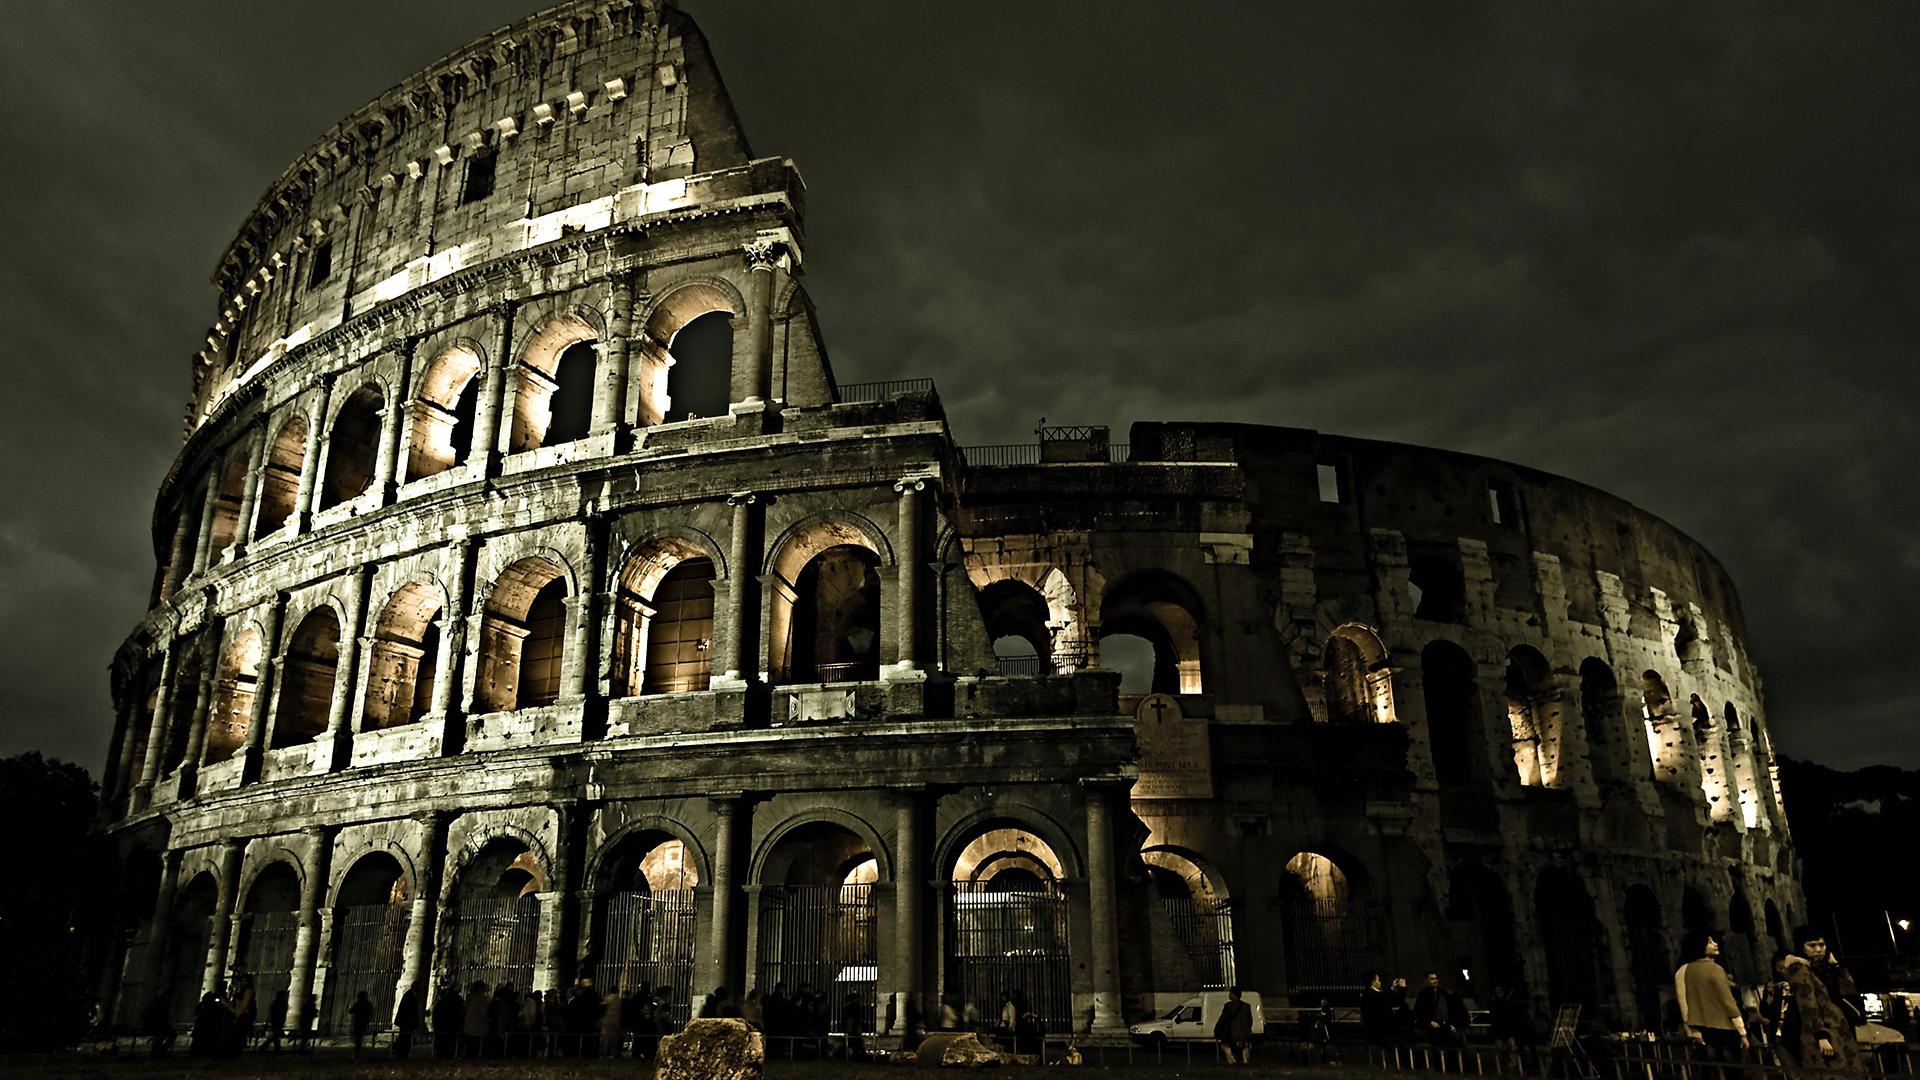 colosseum roman architecture 1080p hd wallpaper | download